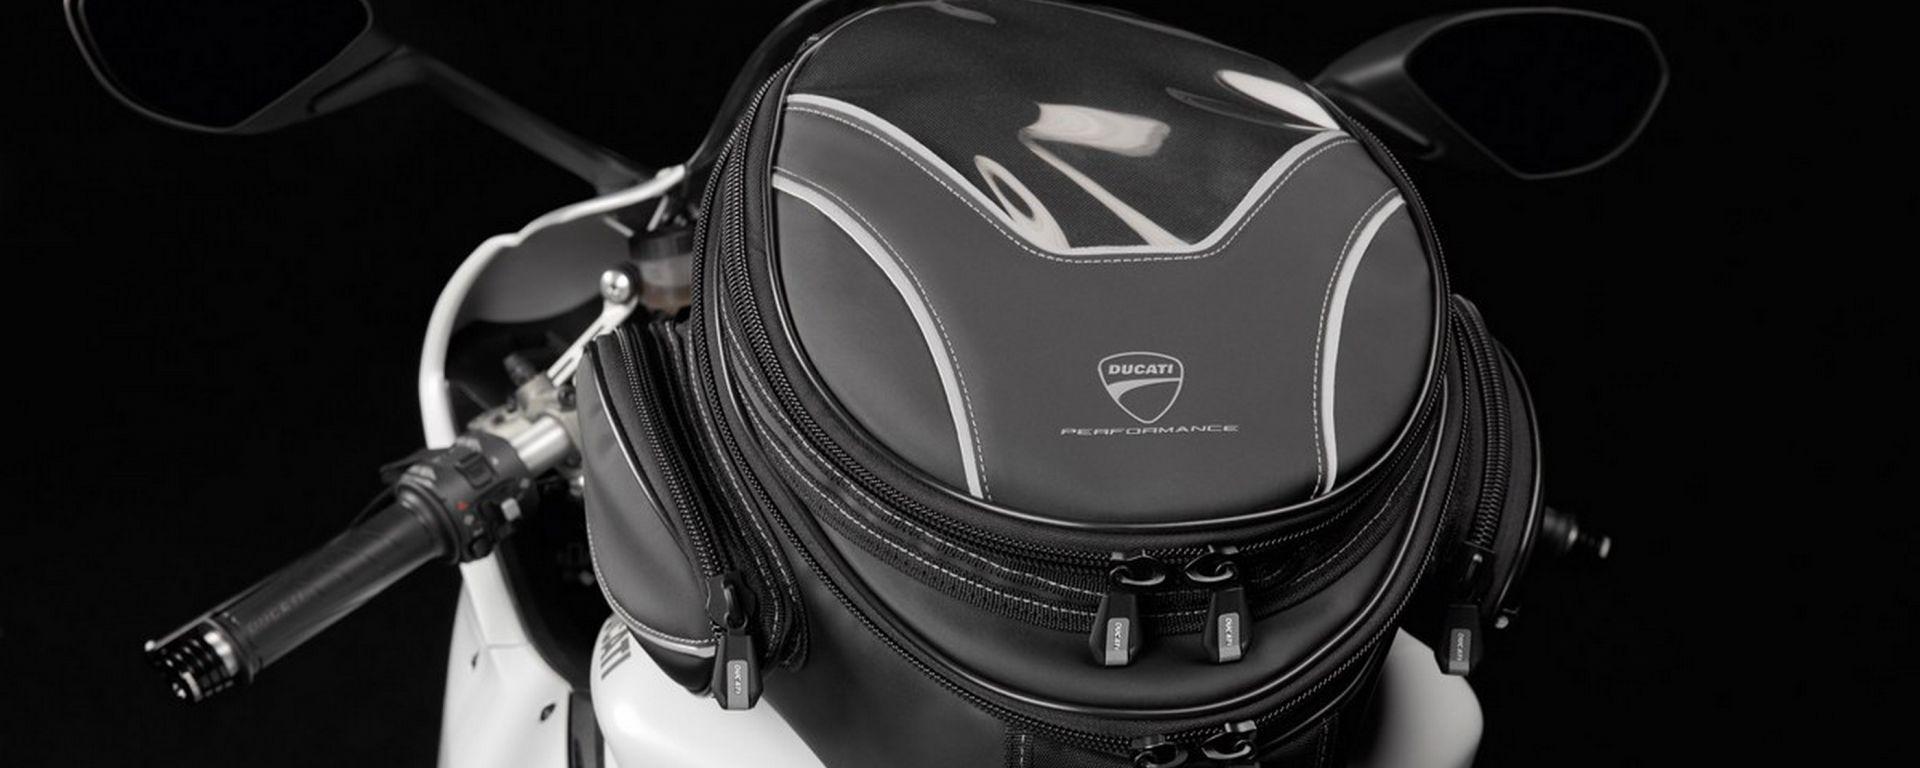 Ducati: viaggiare in moto con gli accessori Performance